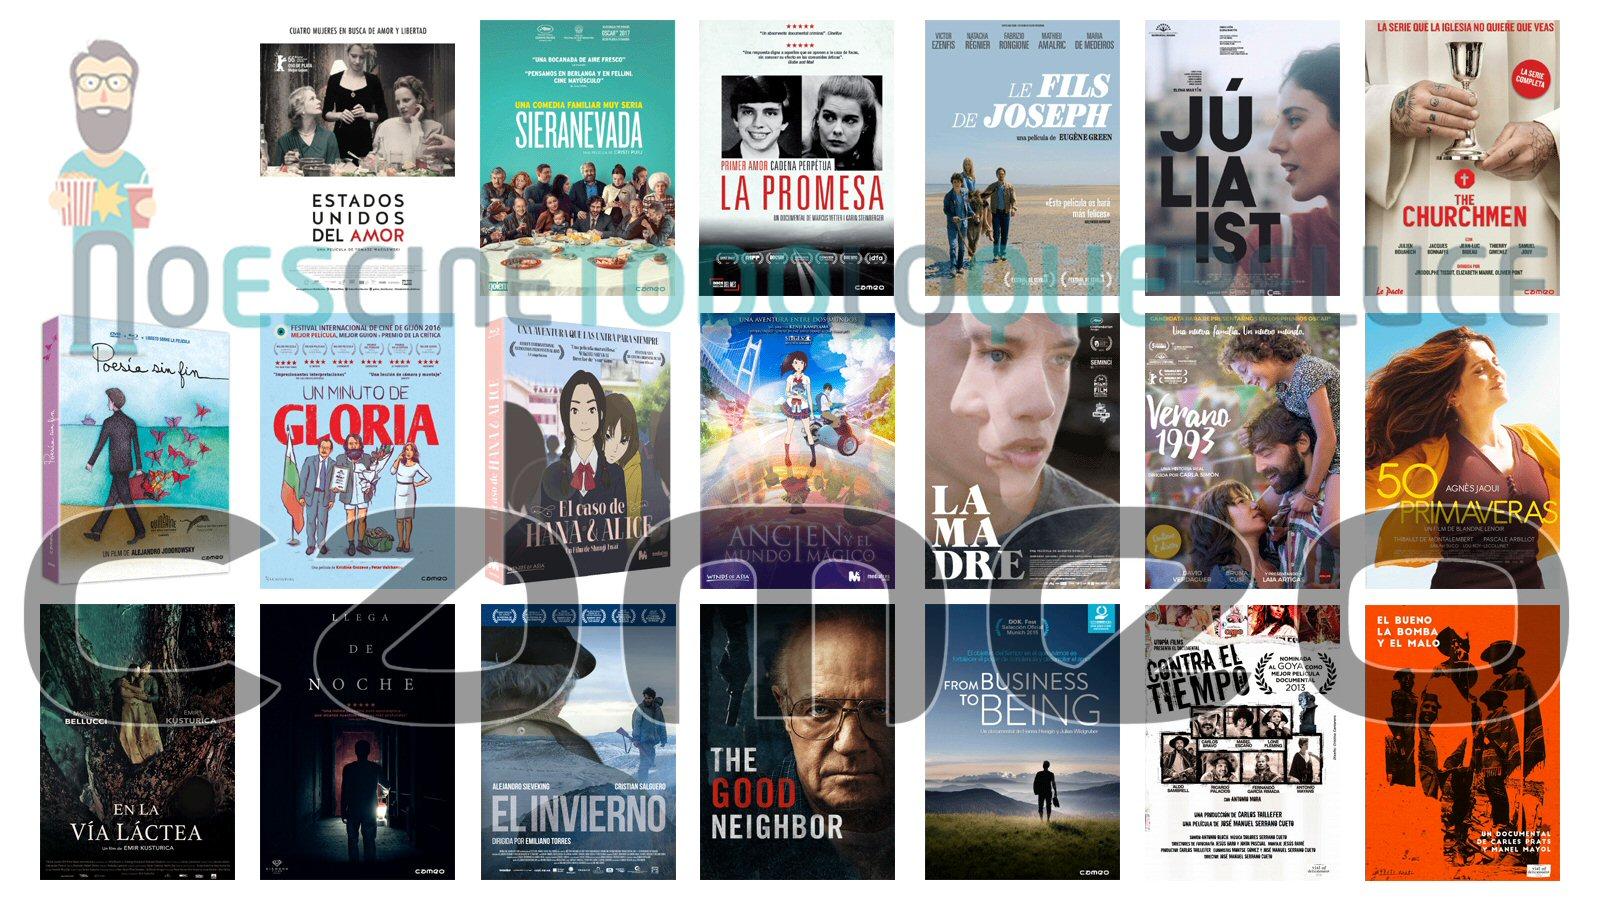 Lanzamientos de noviembre en DVD y Blu-ray de Cameo y Vial of delicatessen